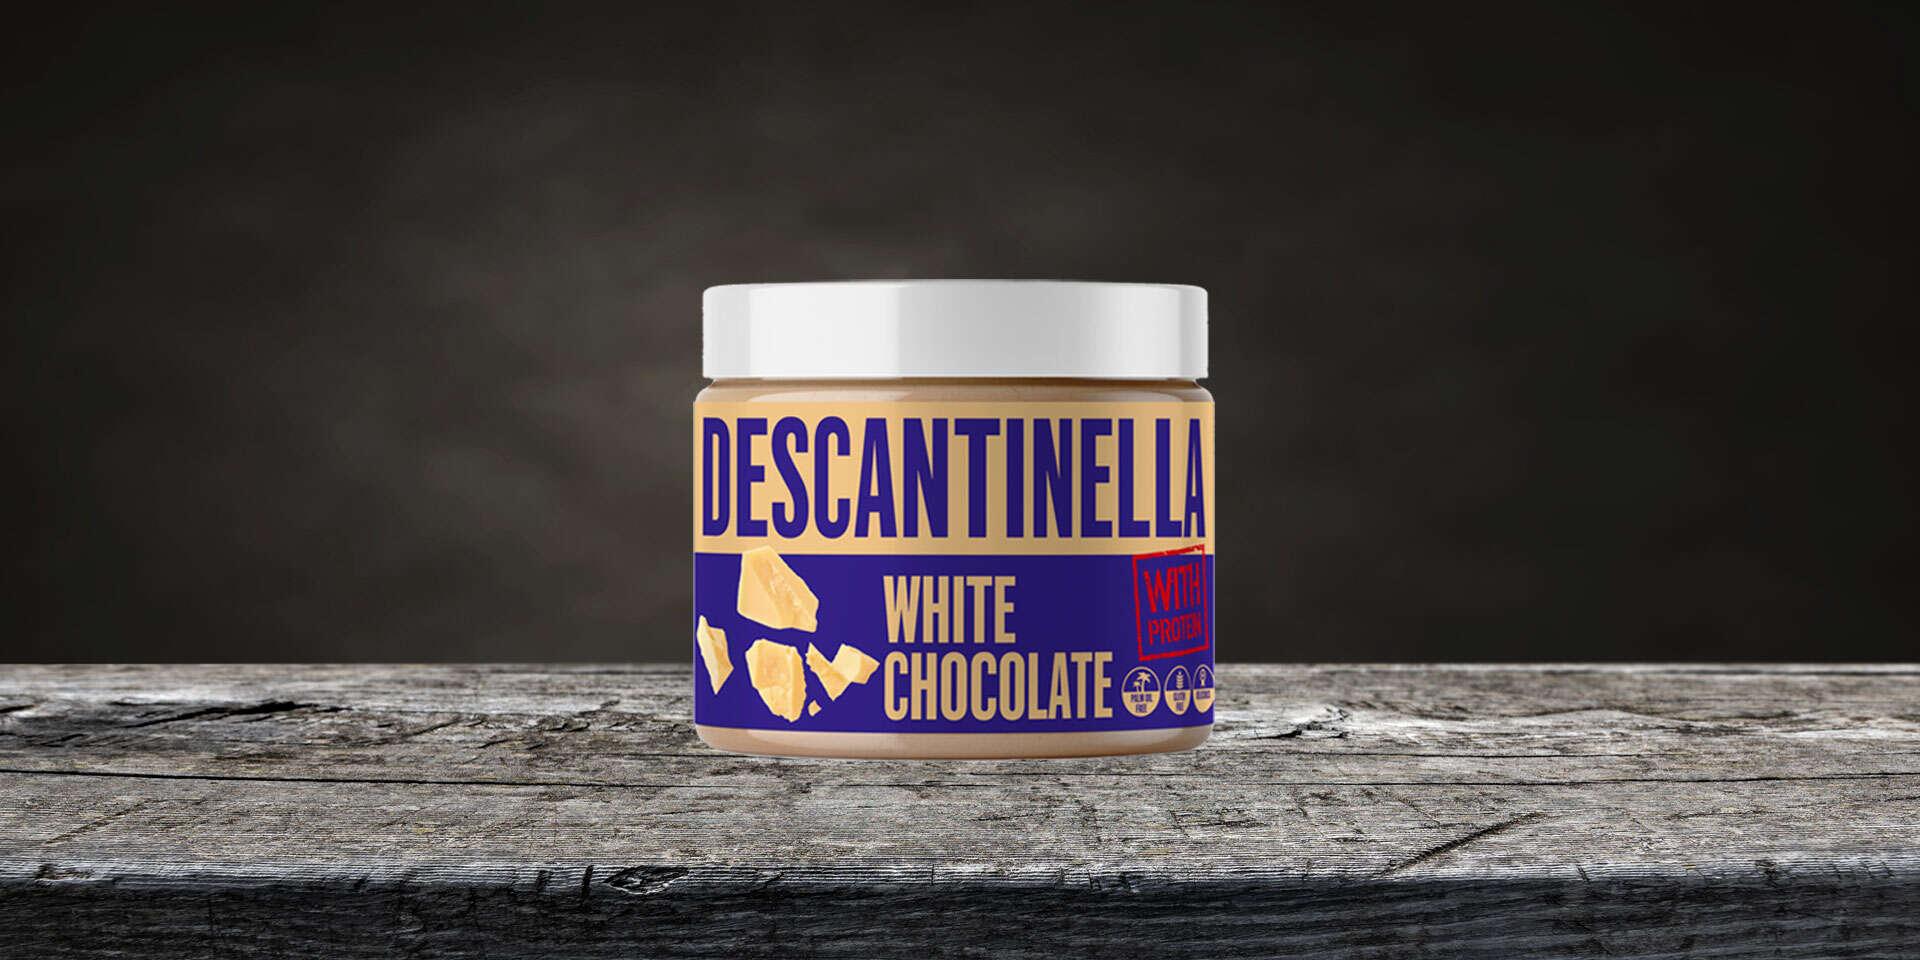 Arašidové, arašidovo-kokosové maslo, s bielou čokoládou alebo k...